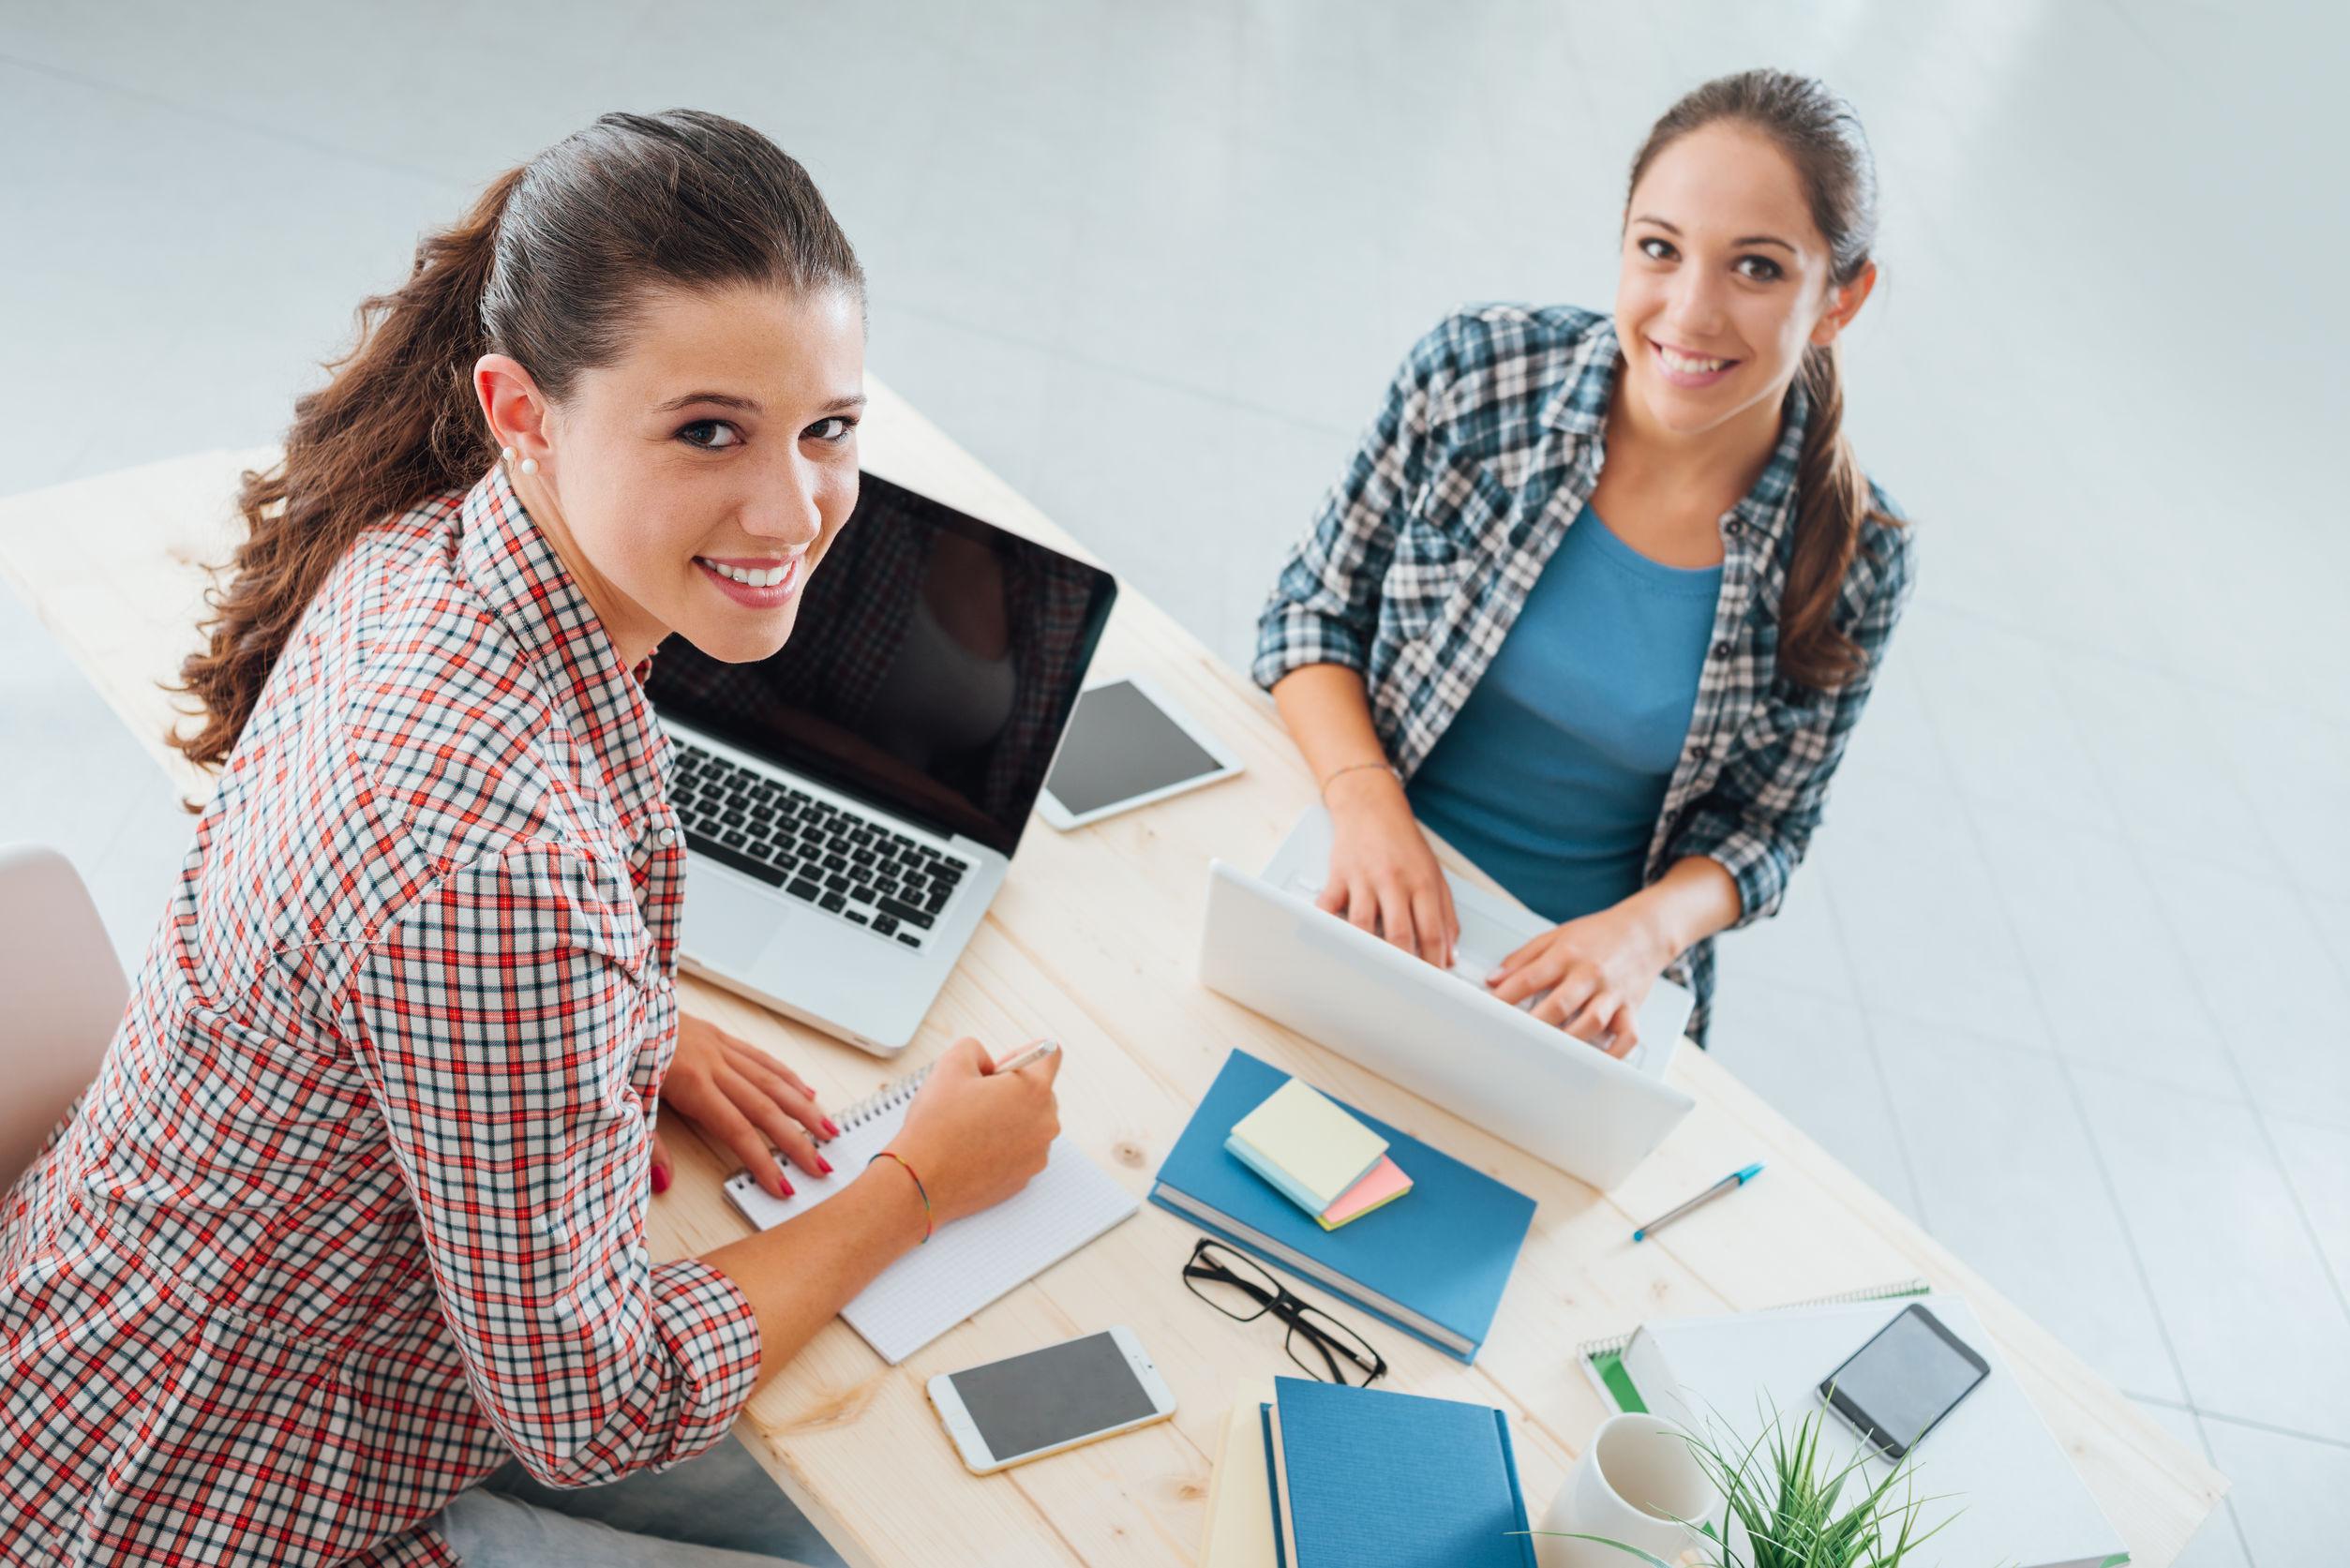 Trabajos populares estudiantes